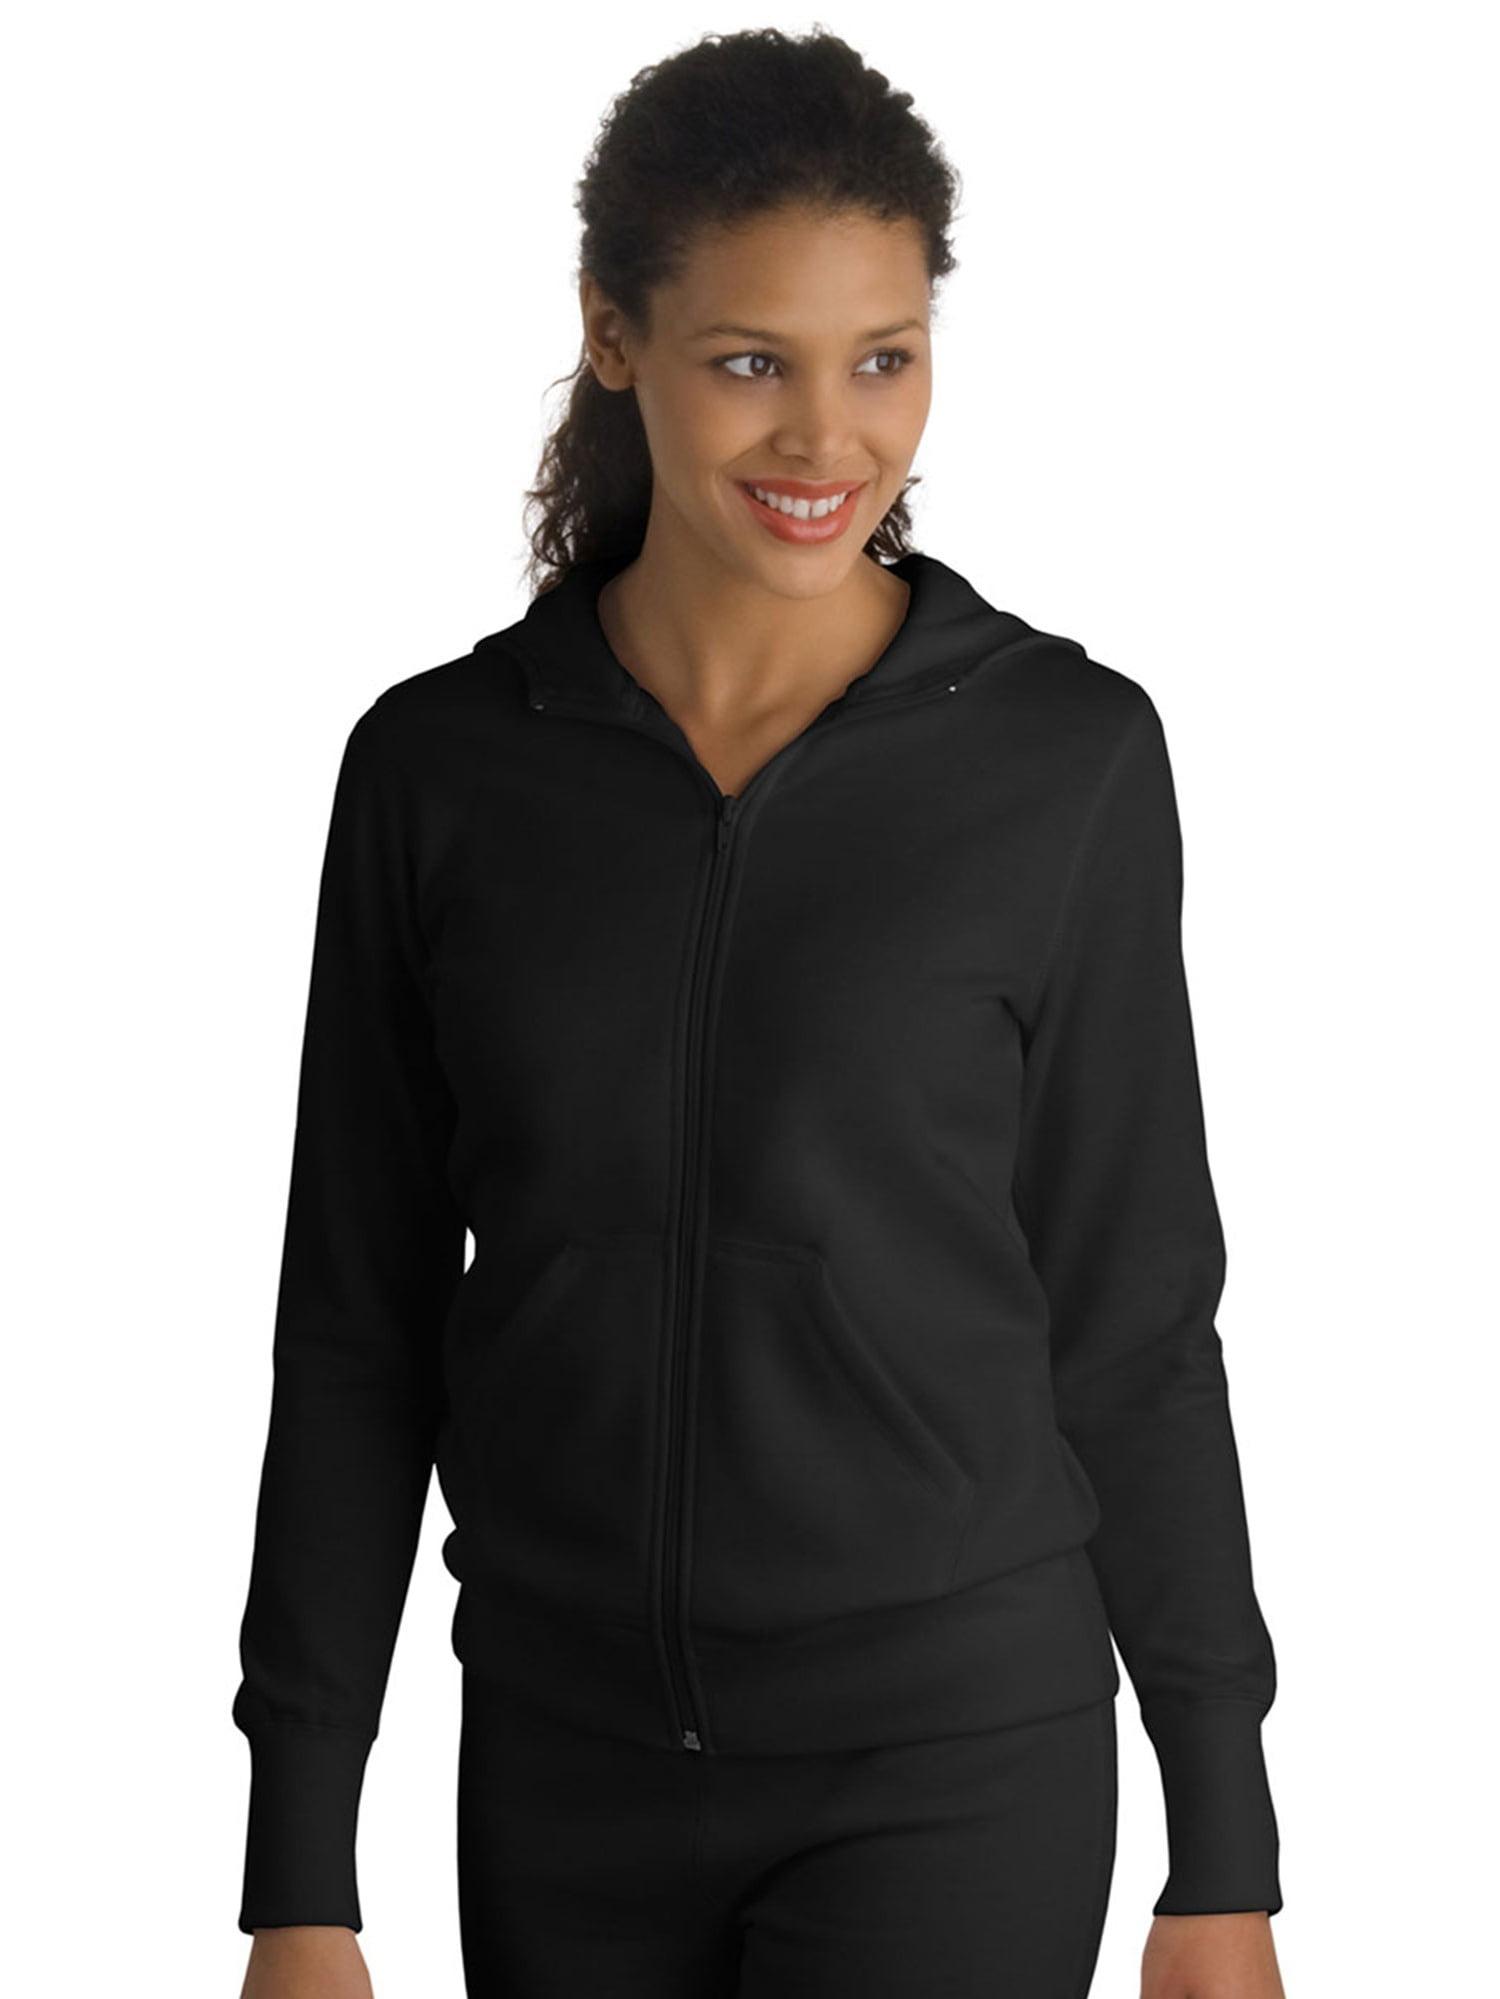 Sport-Tek Women's Stylish Full-Zip Hooded Fleece Jacket